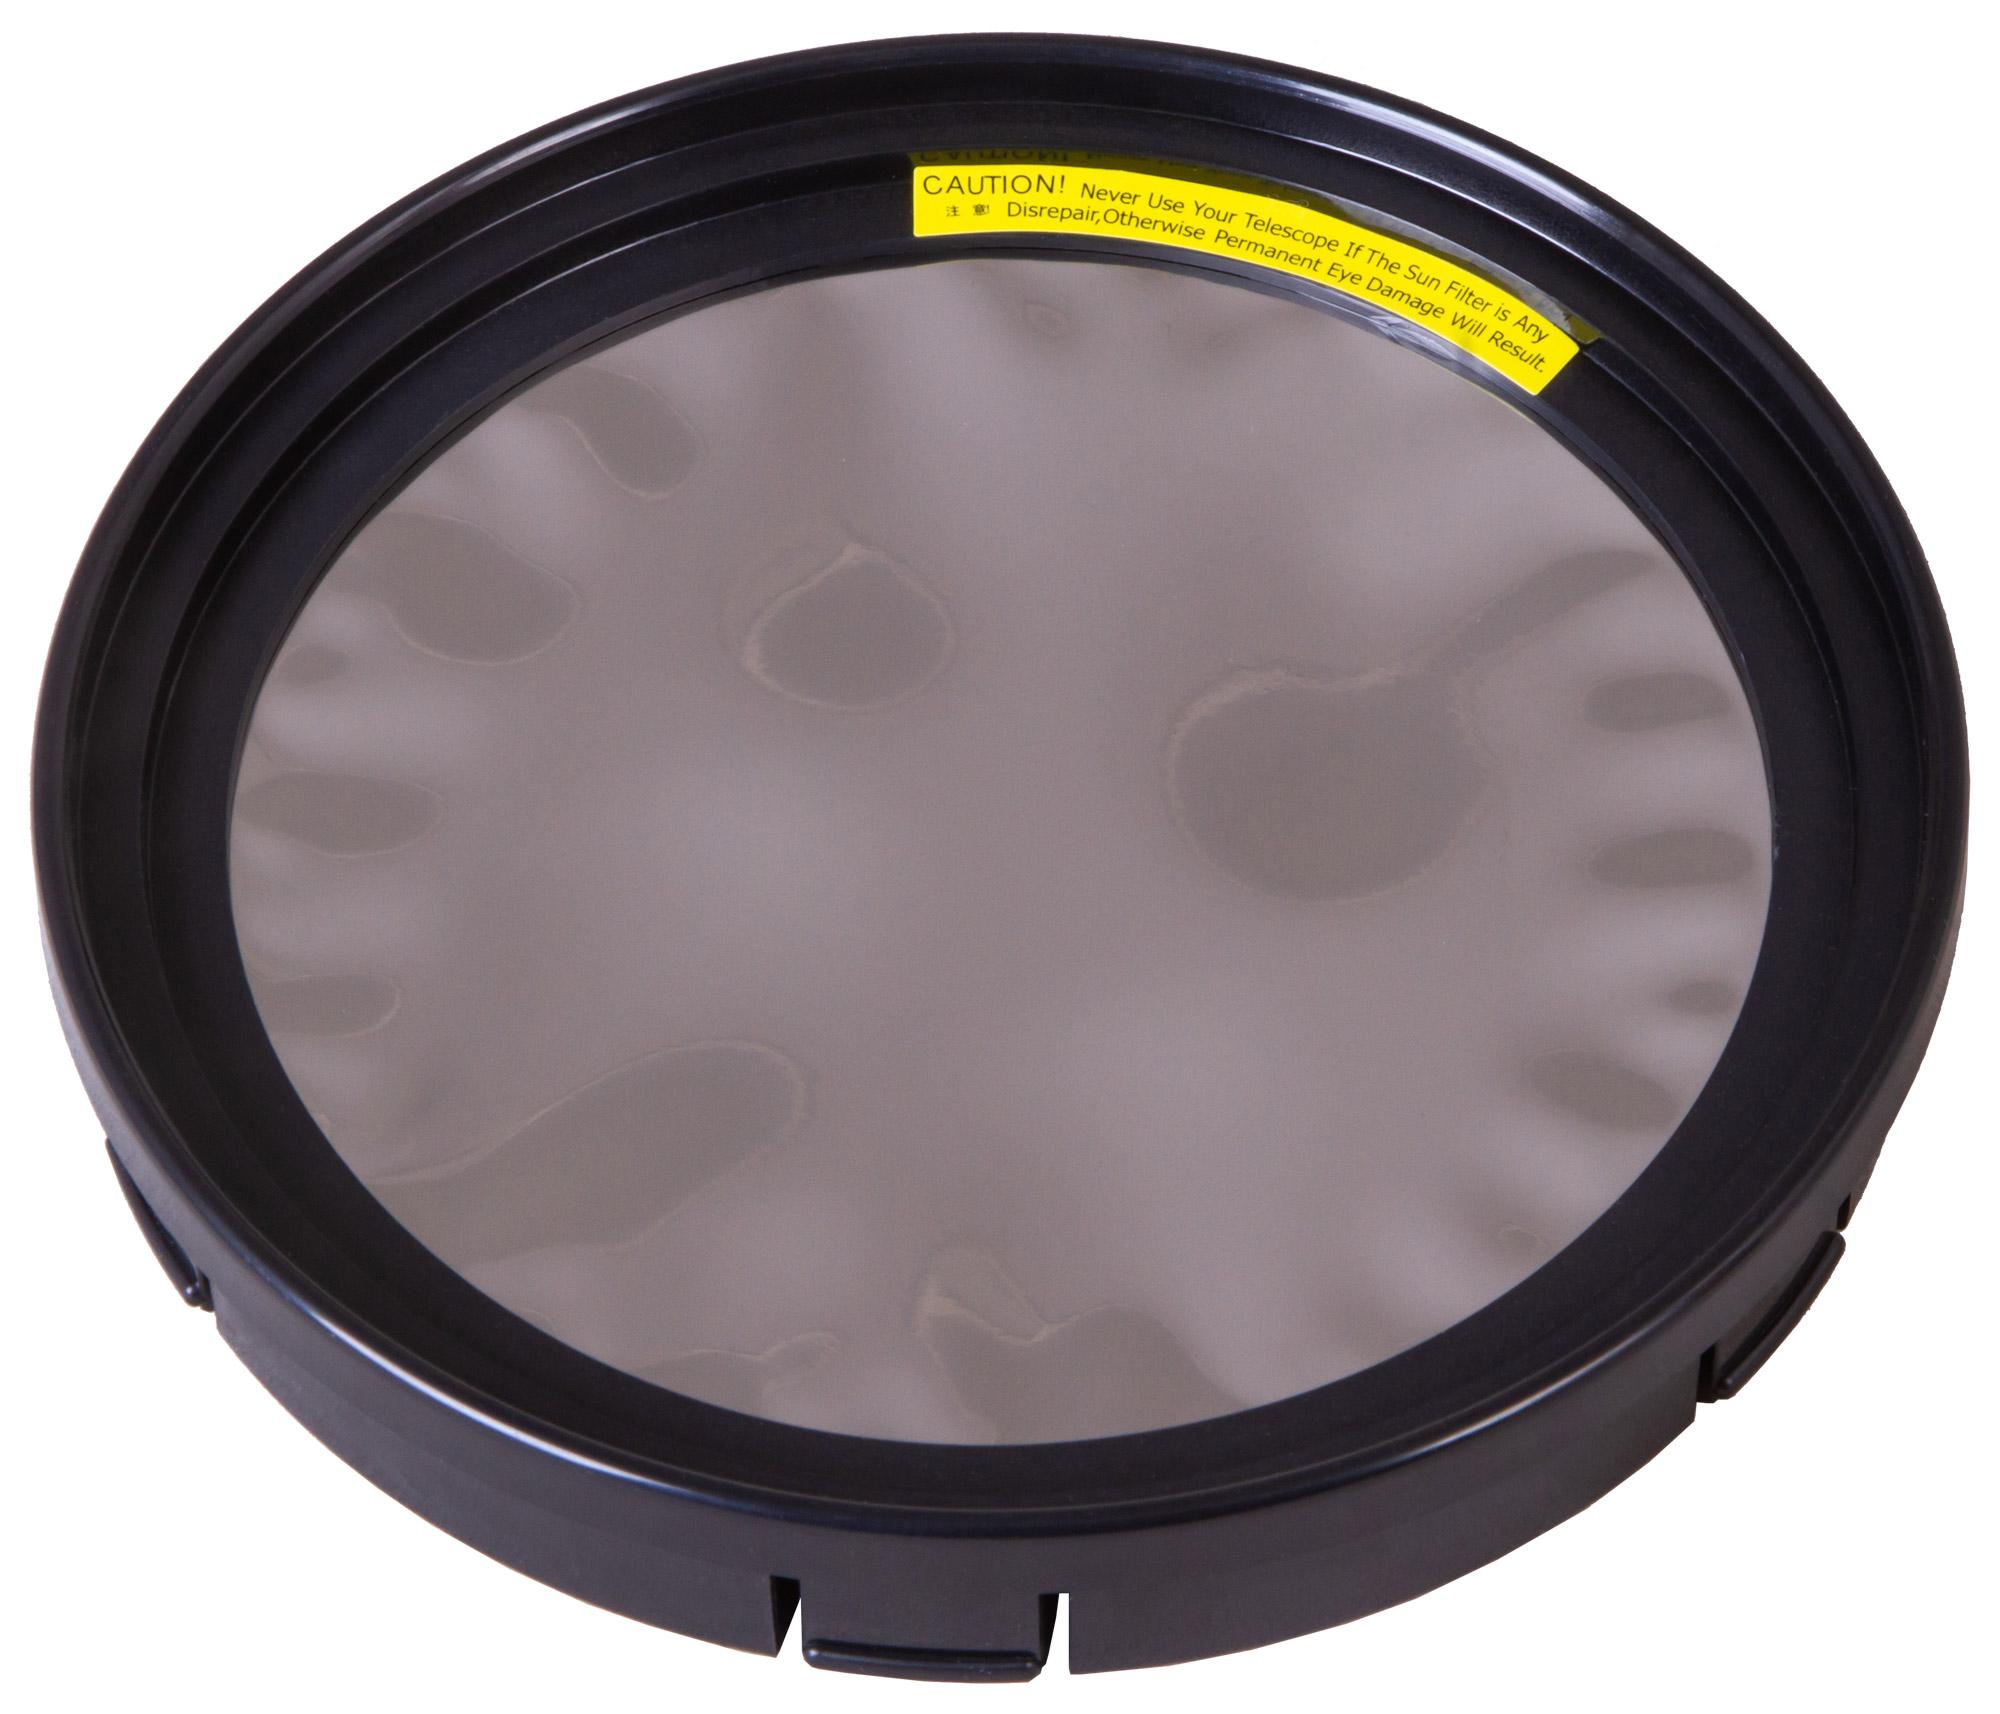 Картинка для Солнечный фильтр Sky-Watcher для рефлекторов 150 мм